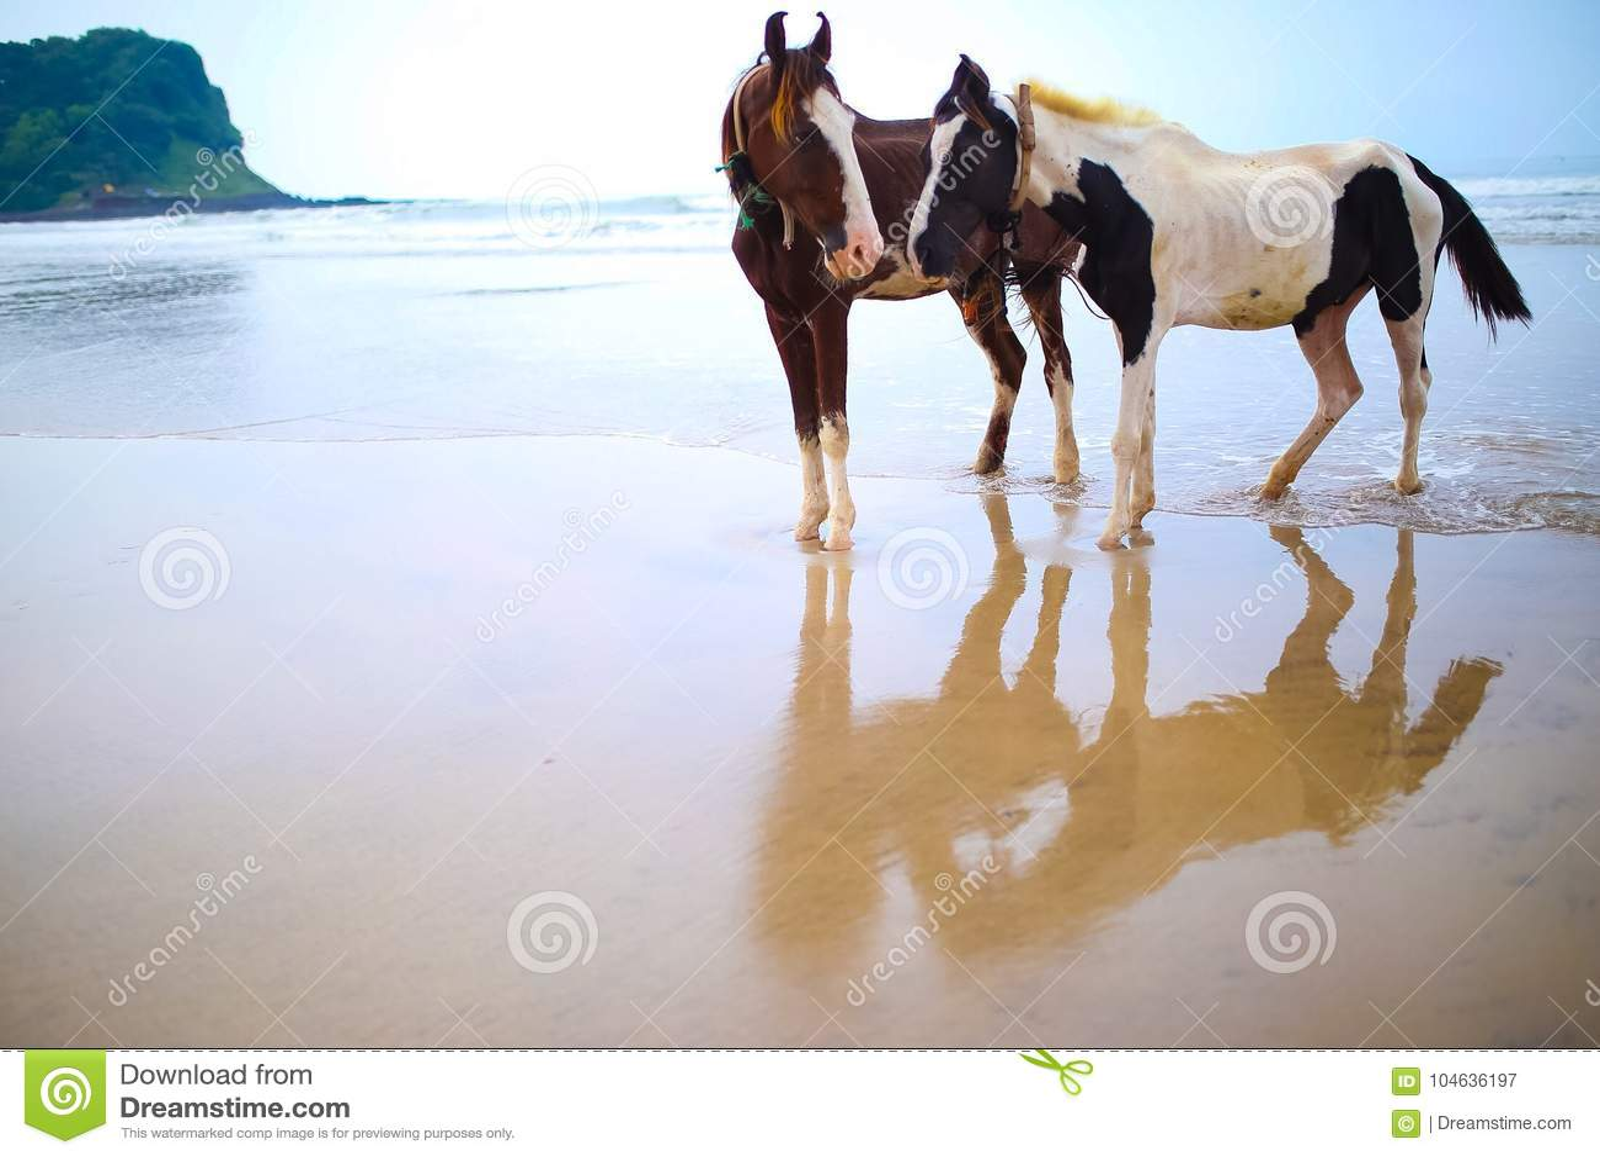 Download Paarden in Liefde stock afbeelding. Afbeelding bestaande uit golven - 104636197